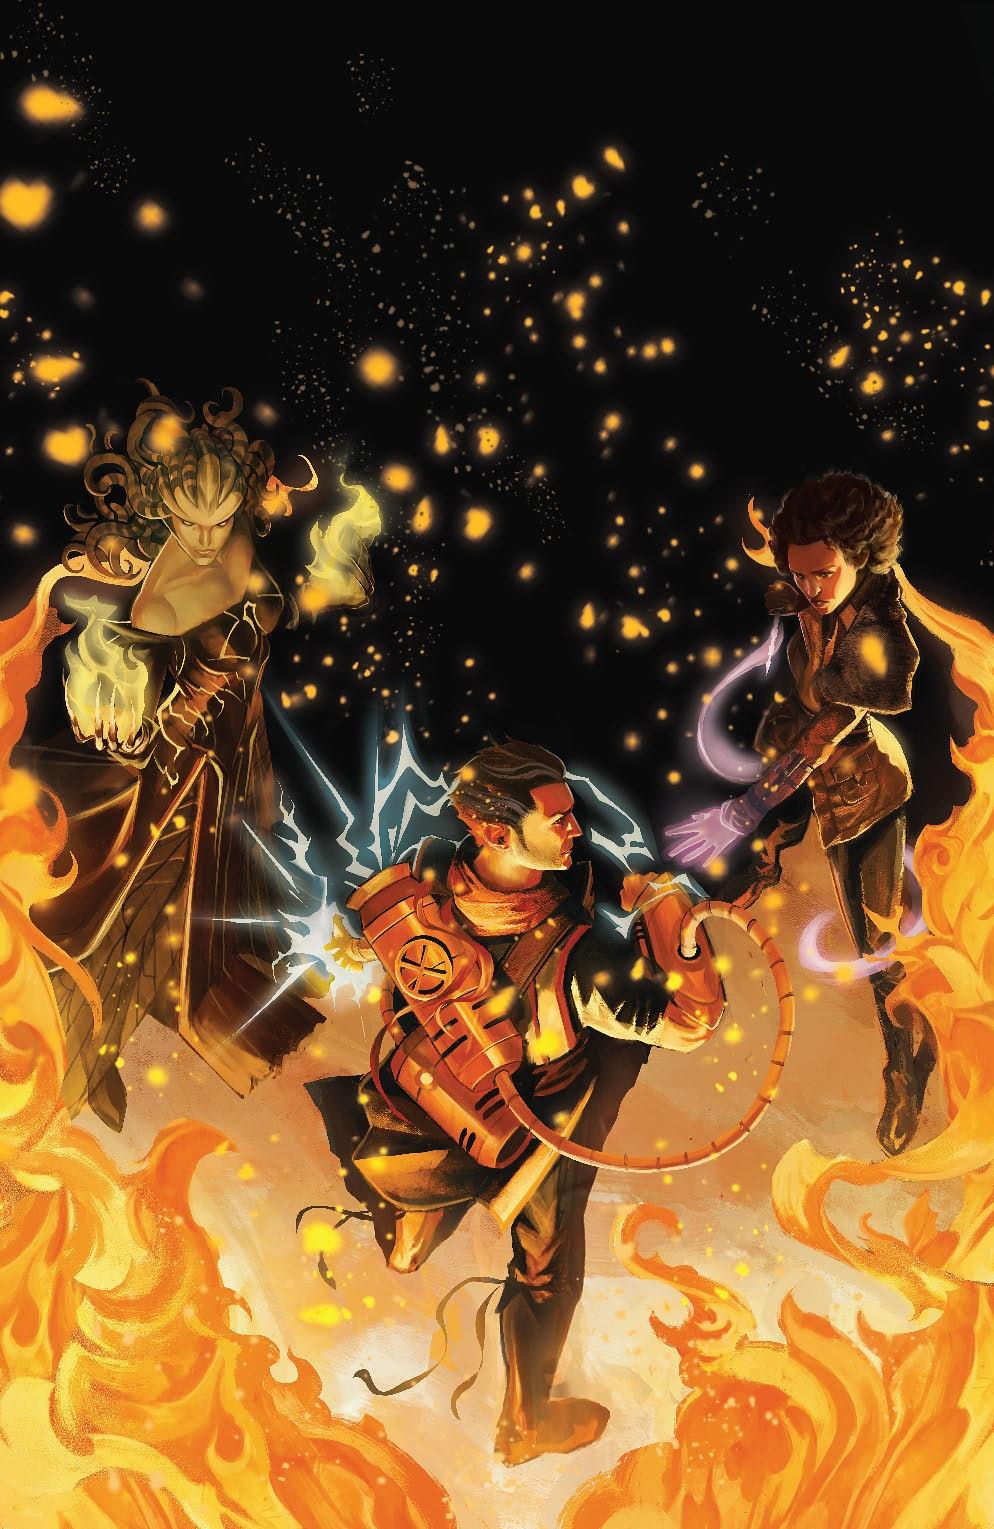 Magic_005_Cover_H_Unlockable ComicList Previews: MAGIC #5